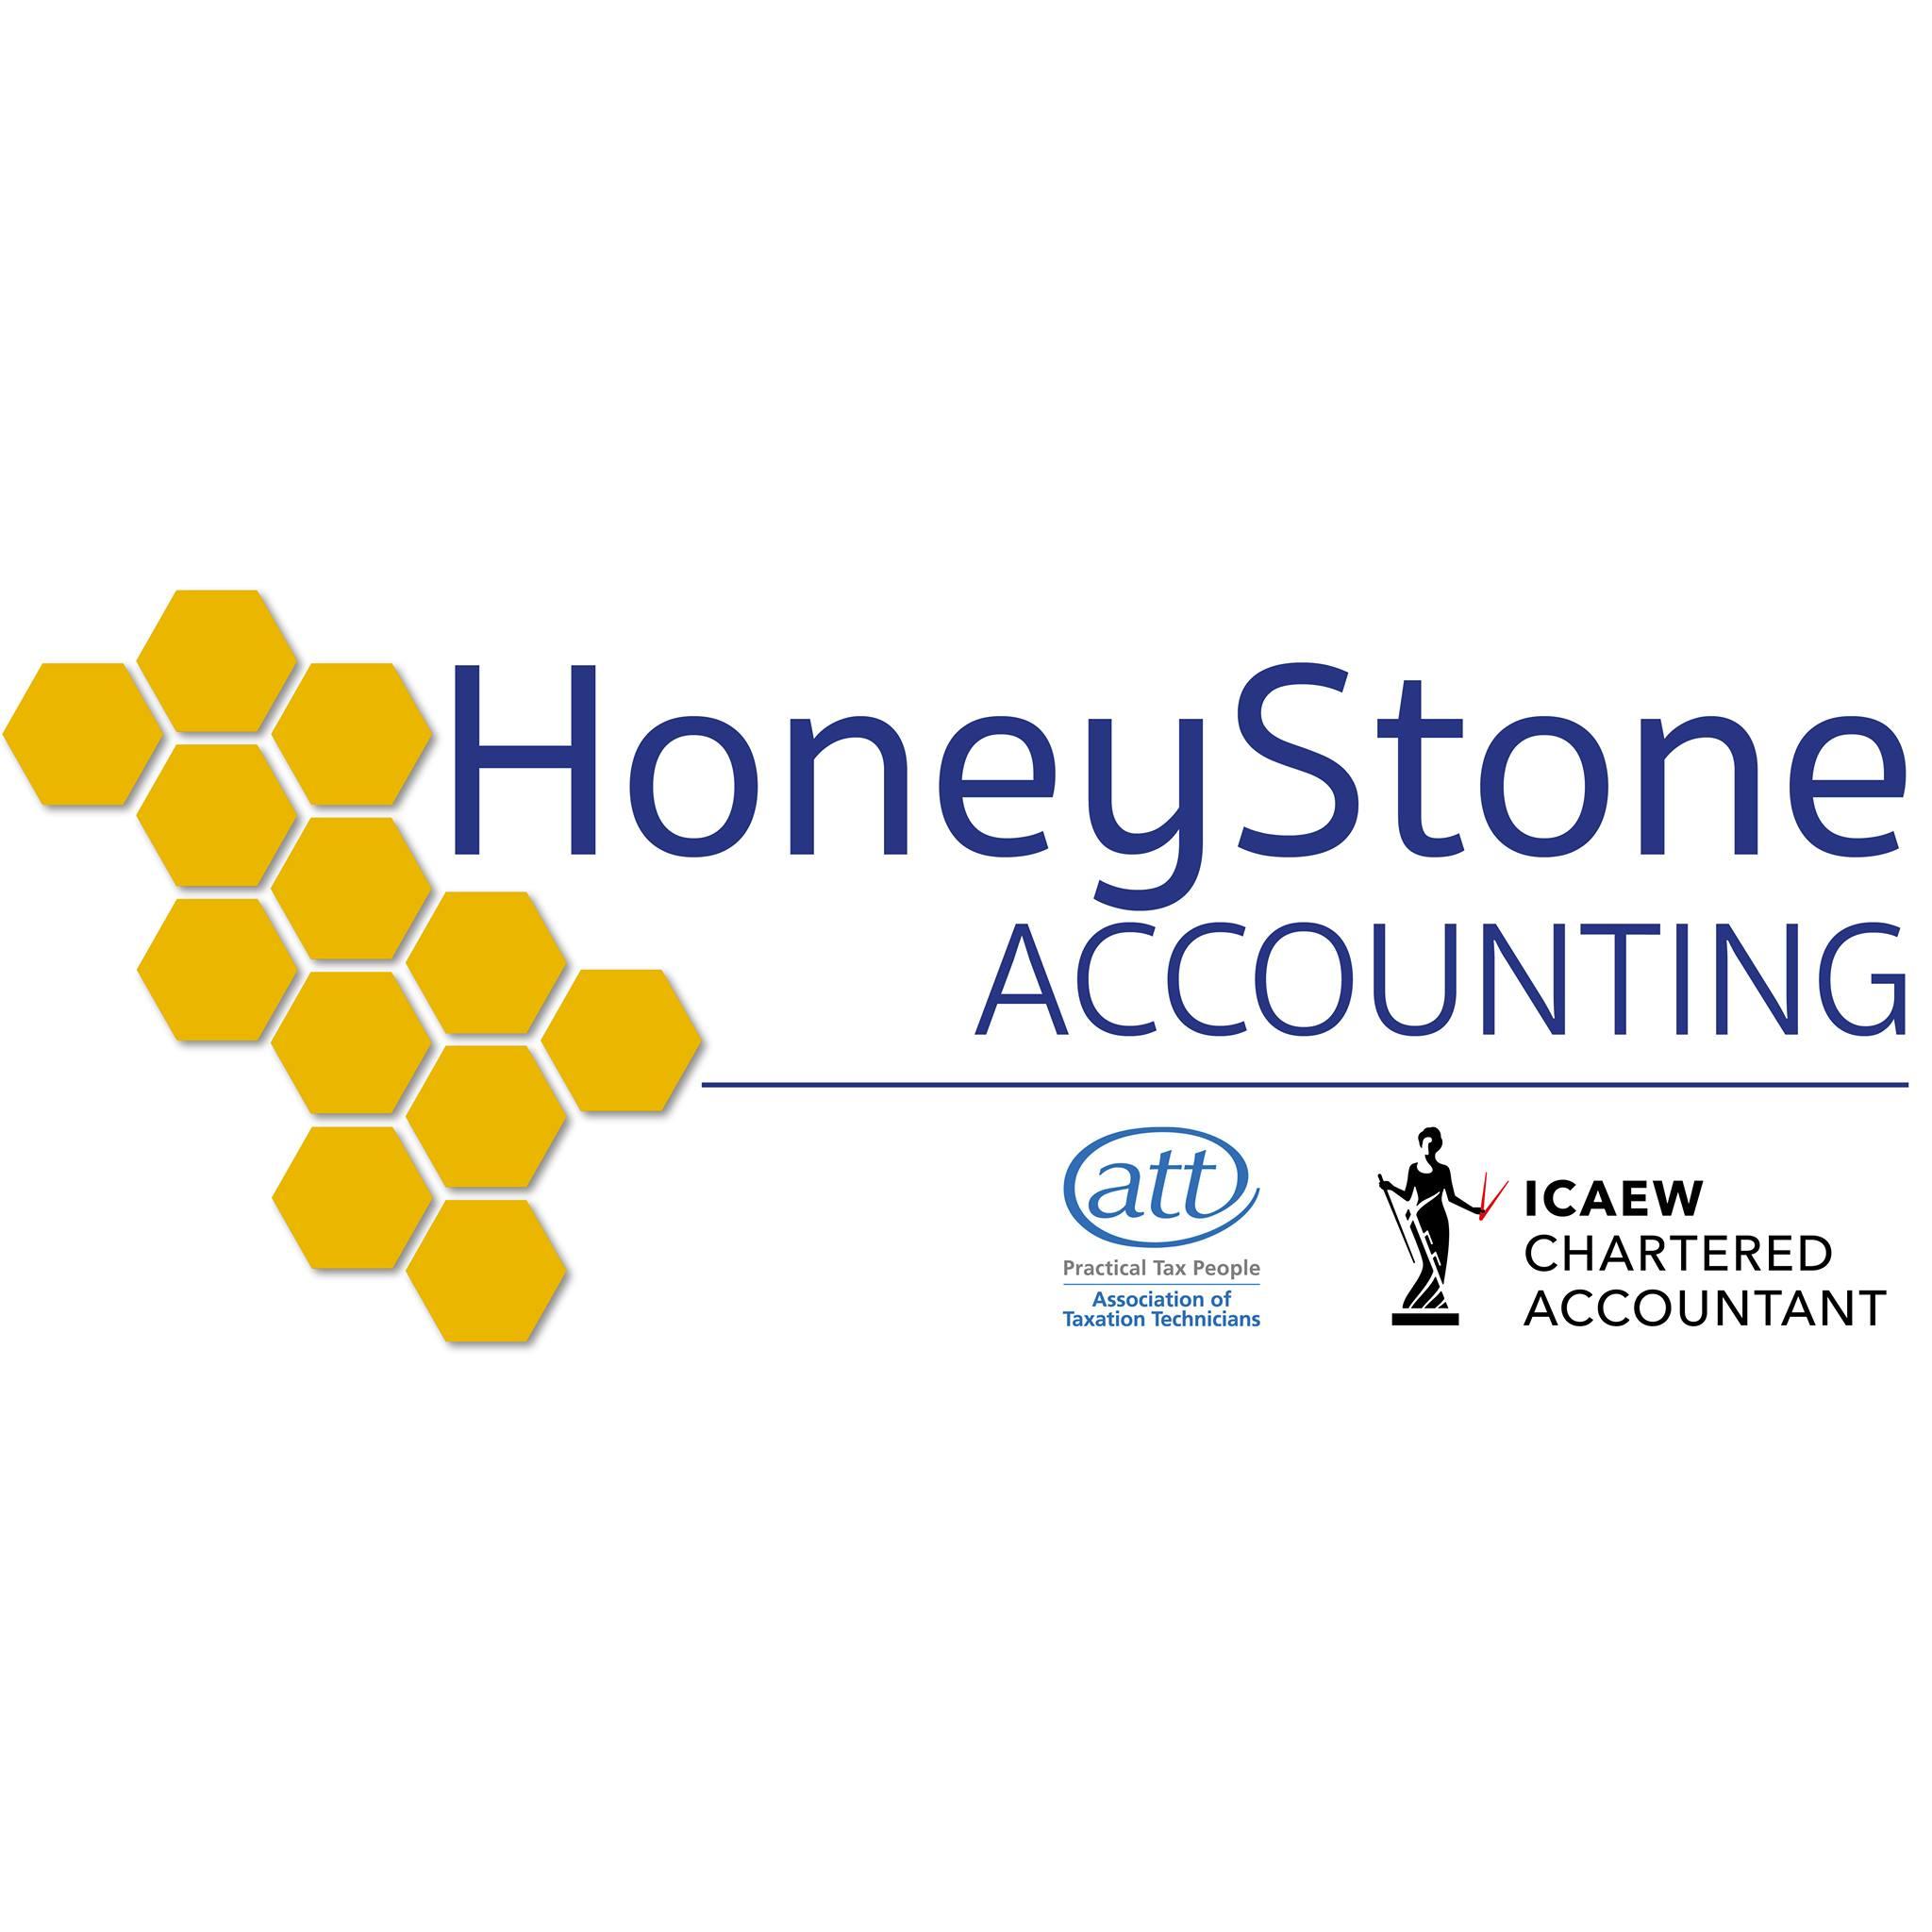 Honeystone Accounting